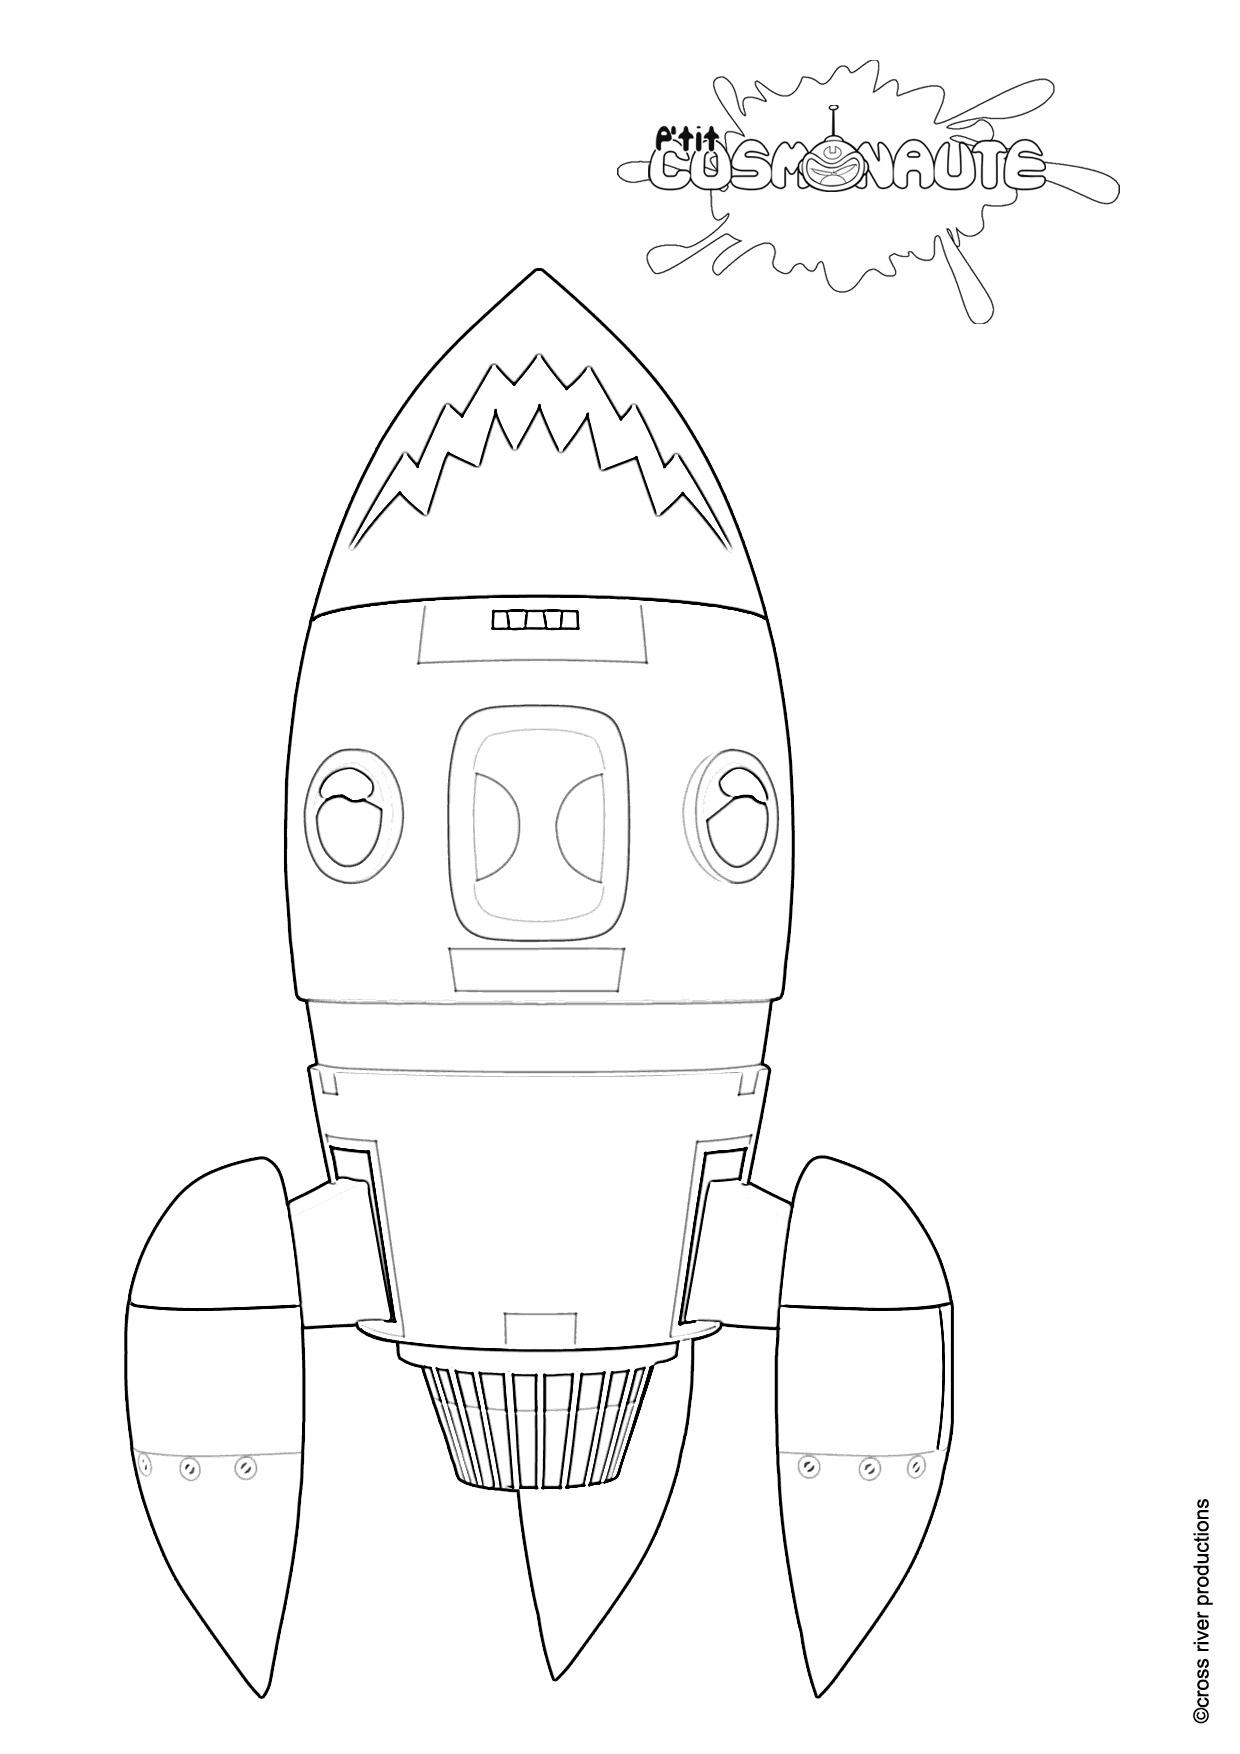 Astronaute #66 (Métiers Et Professions) – Coloriages À Imprimer dedans Coloriage Astronaute